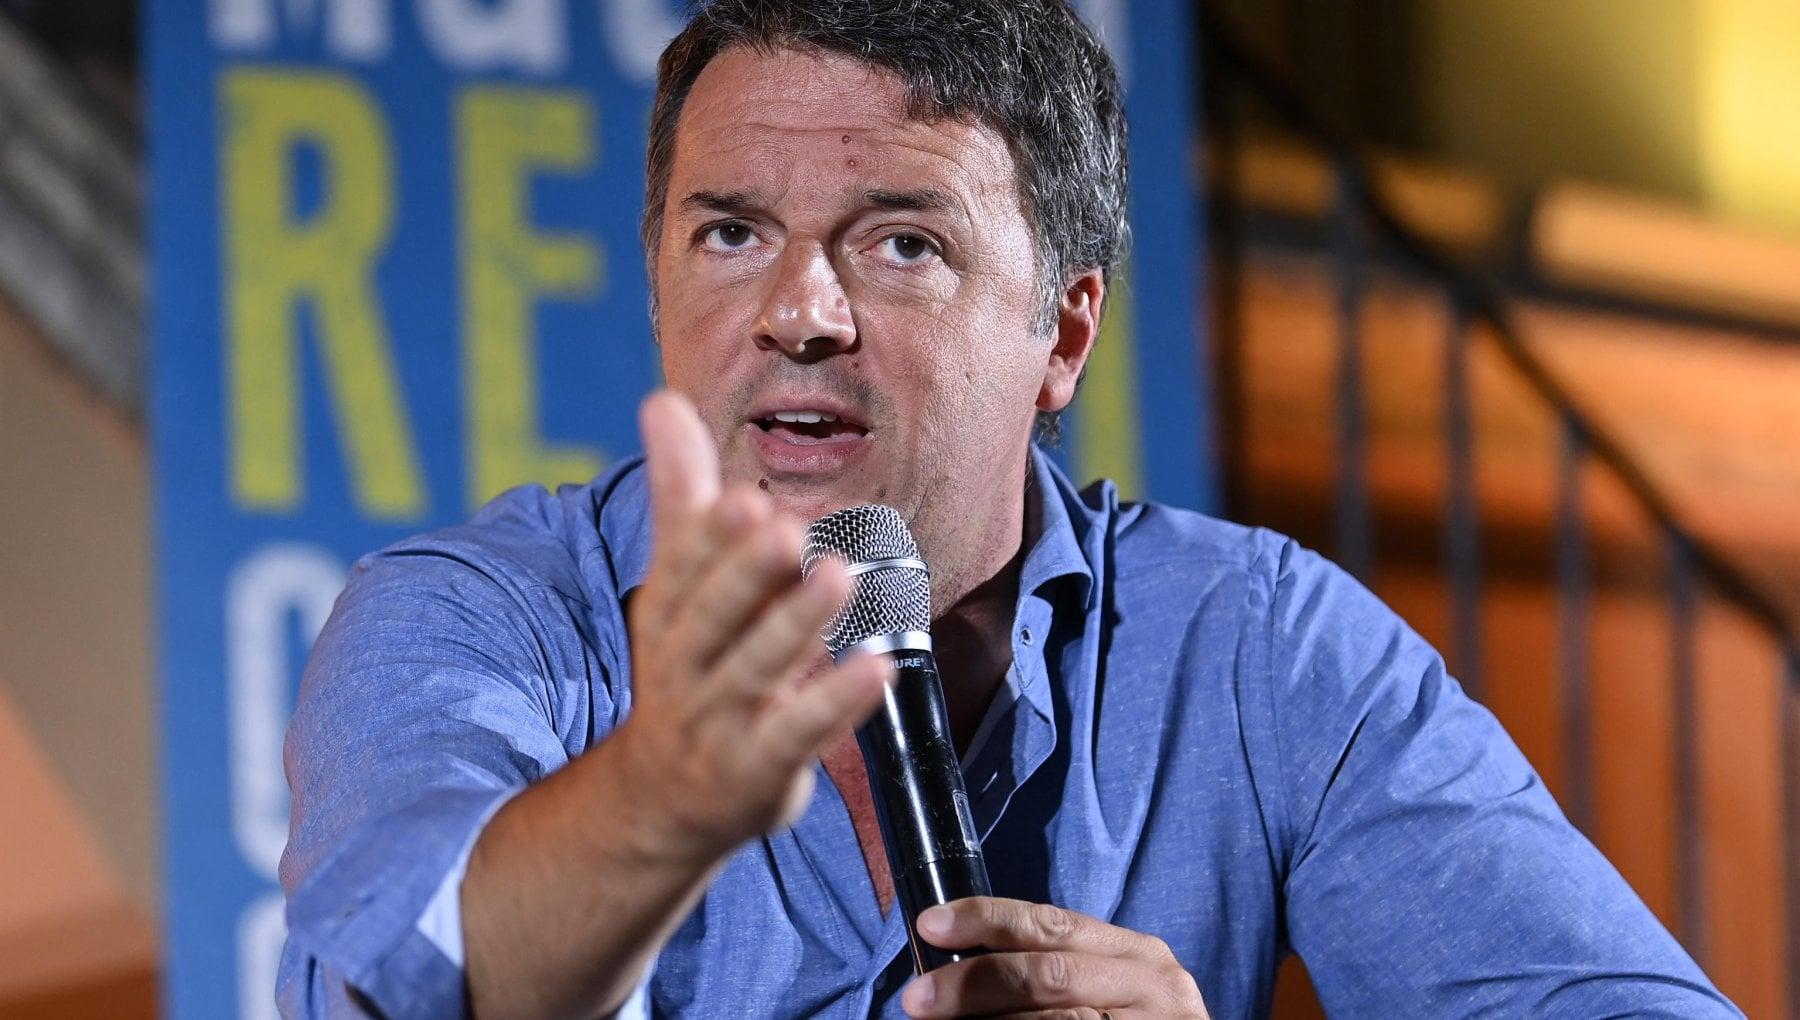 Matteo Renzi e il referendum sul reddito di cittadinanza, le critiche social: #renzifaischifo